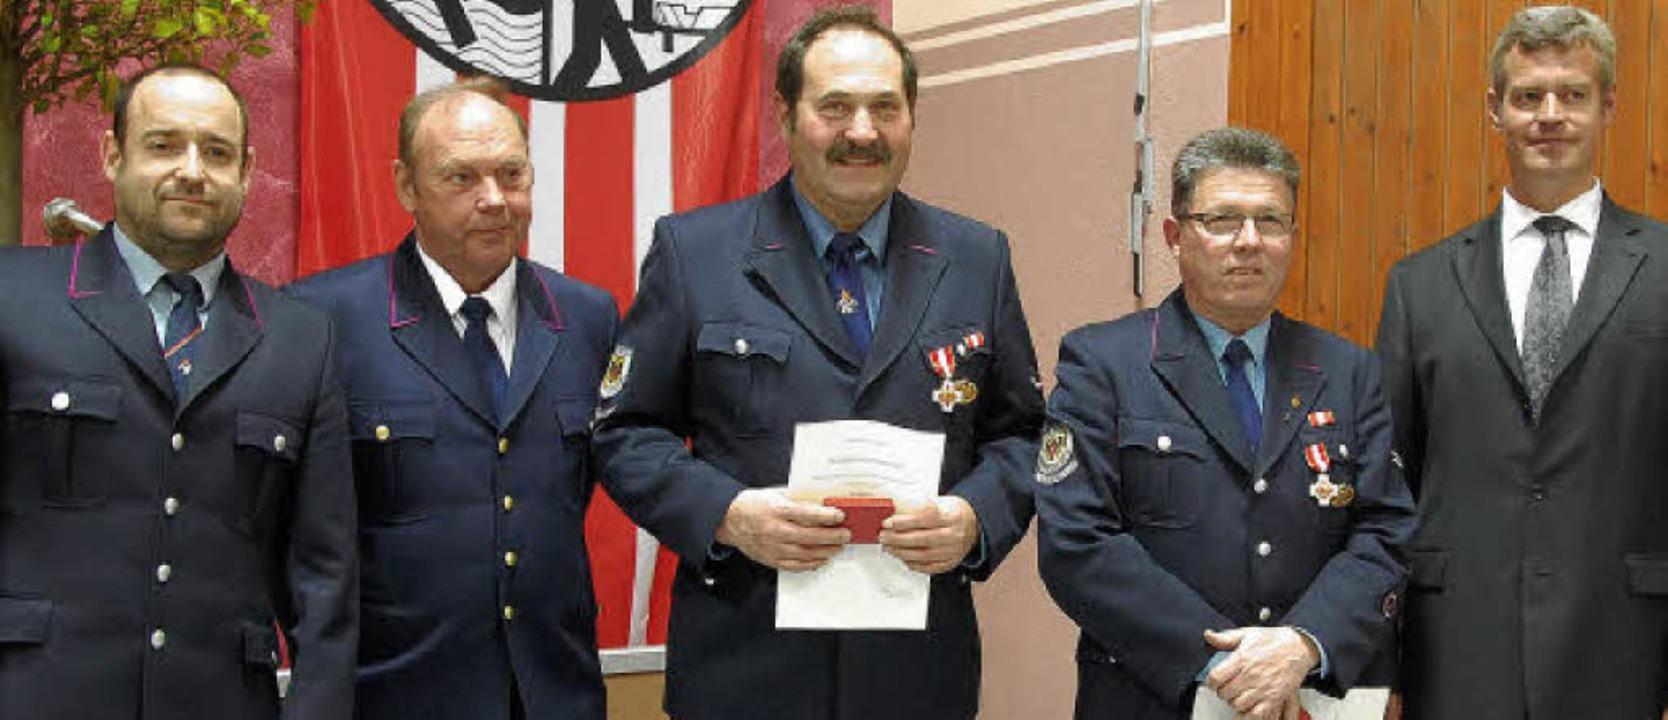 Seit 40 Jahren Mitglied bei der Breisa...n ihnen  die Ehrenmedaille des Landes.    Foto: kai kricheldorff